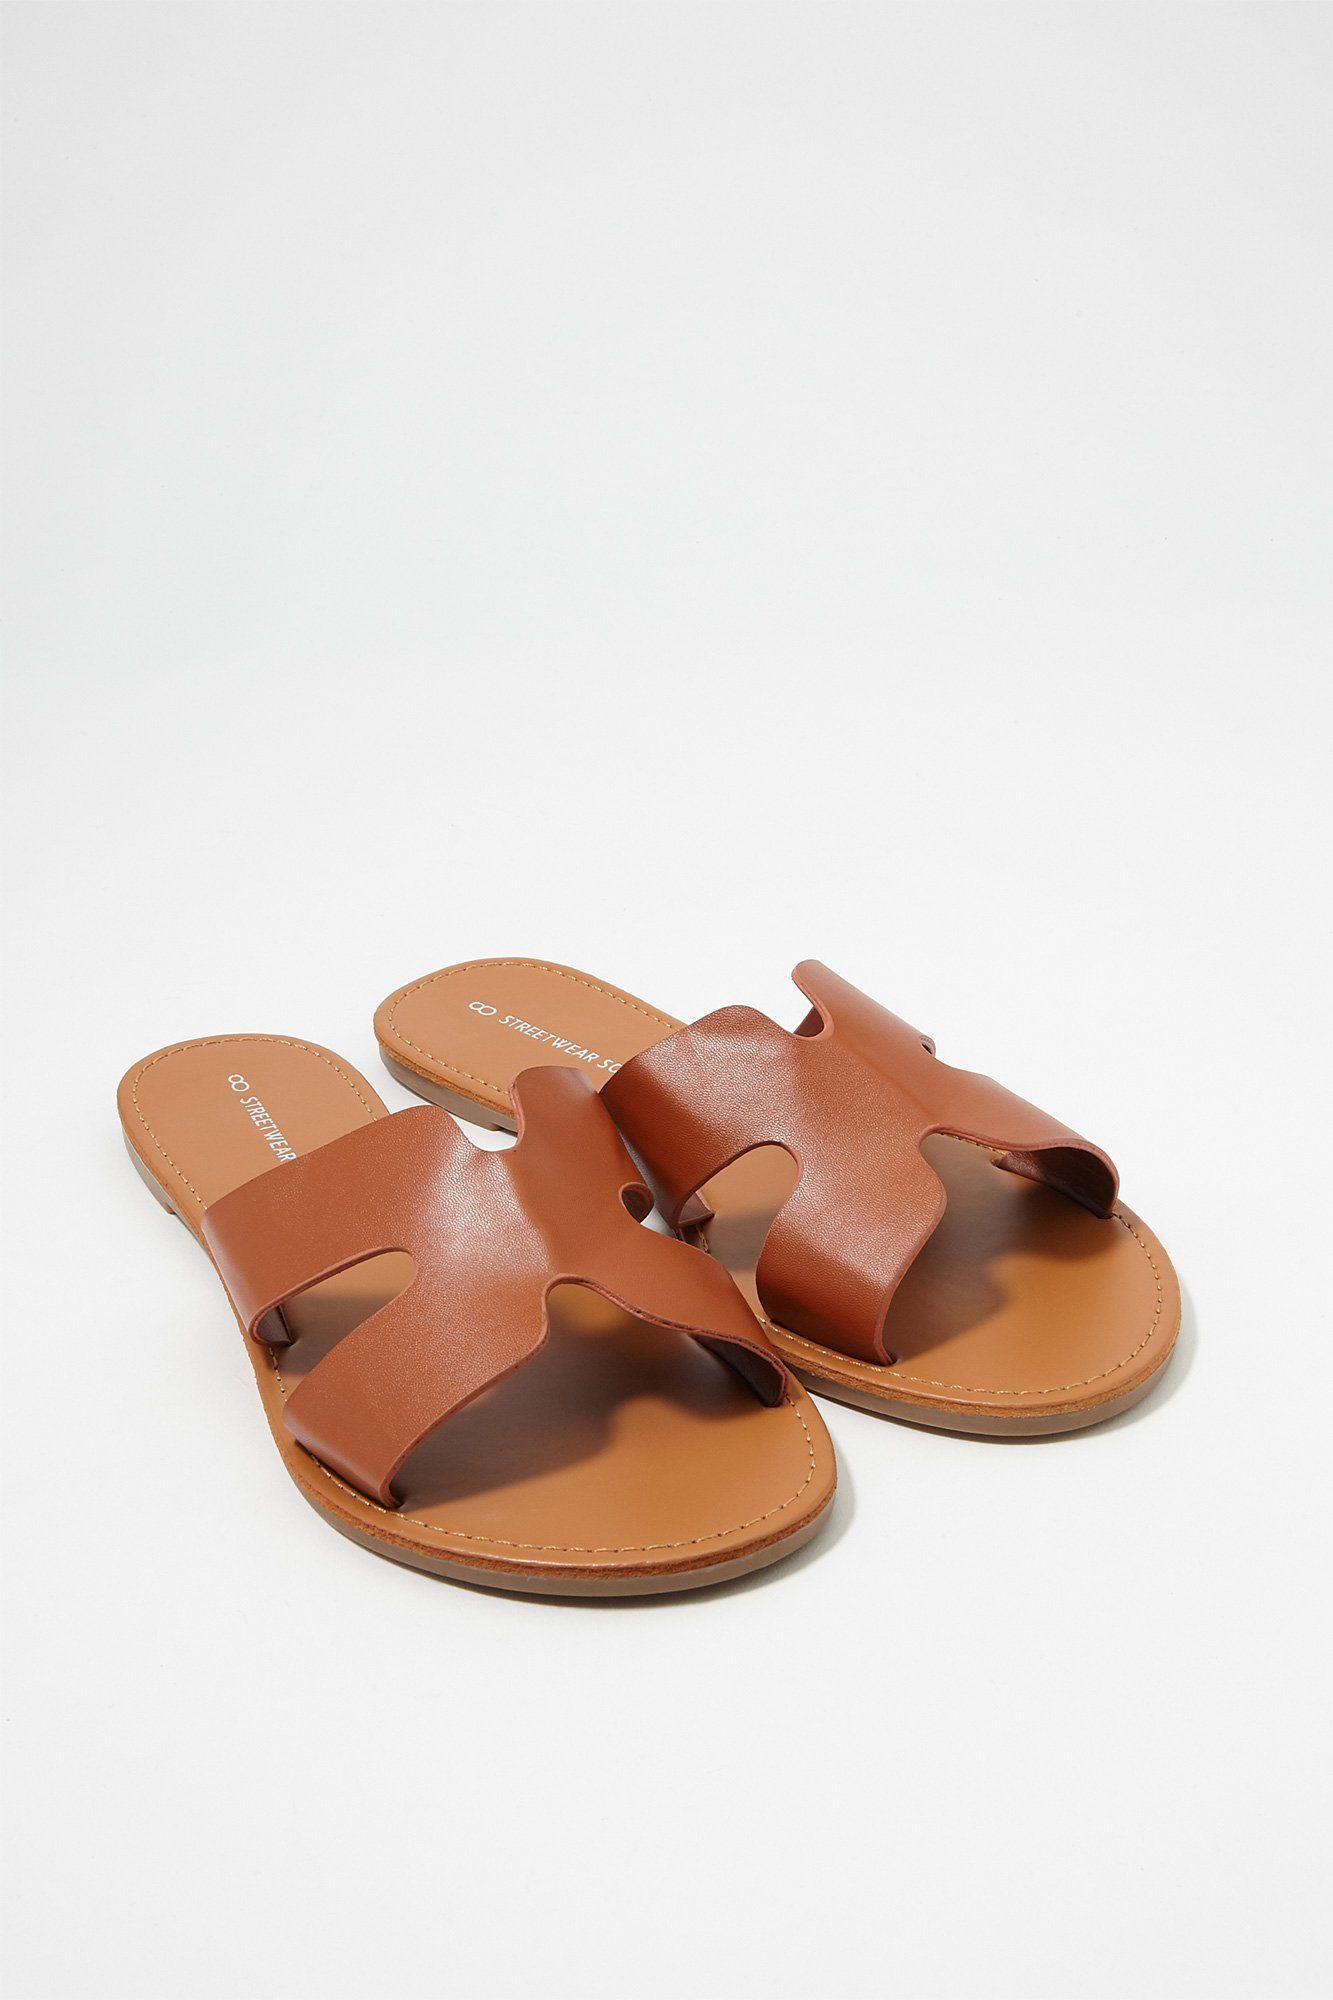 Urban Women's Geometrical FauxLeather Sandal